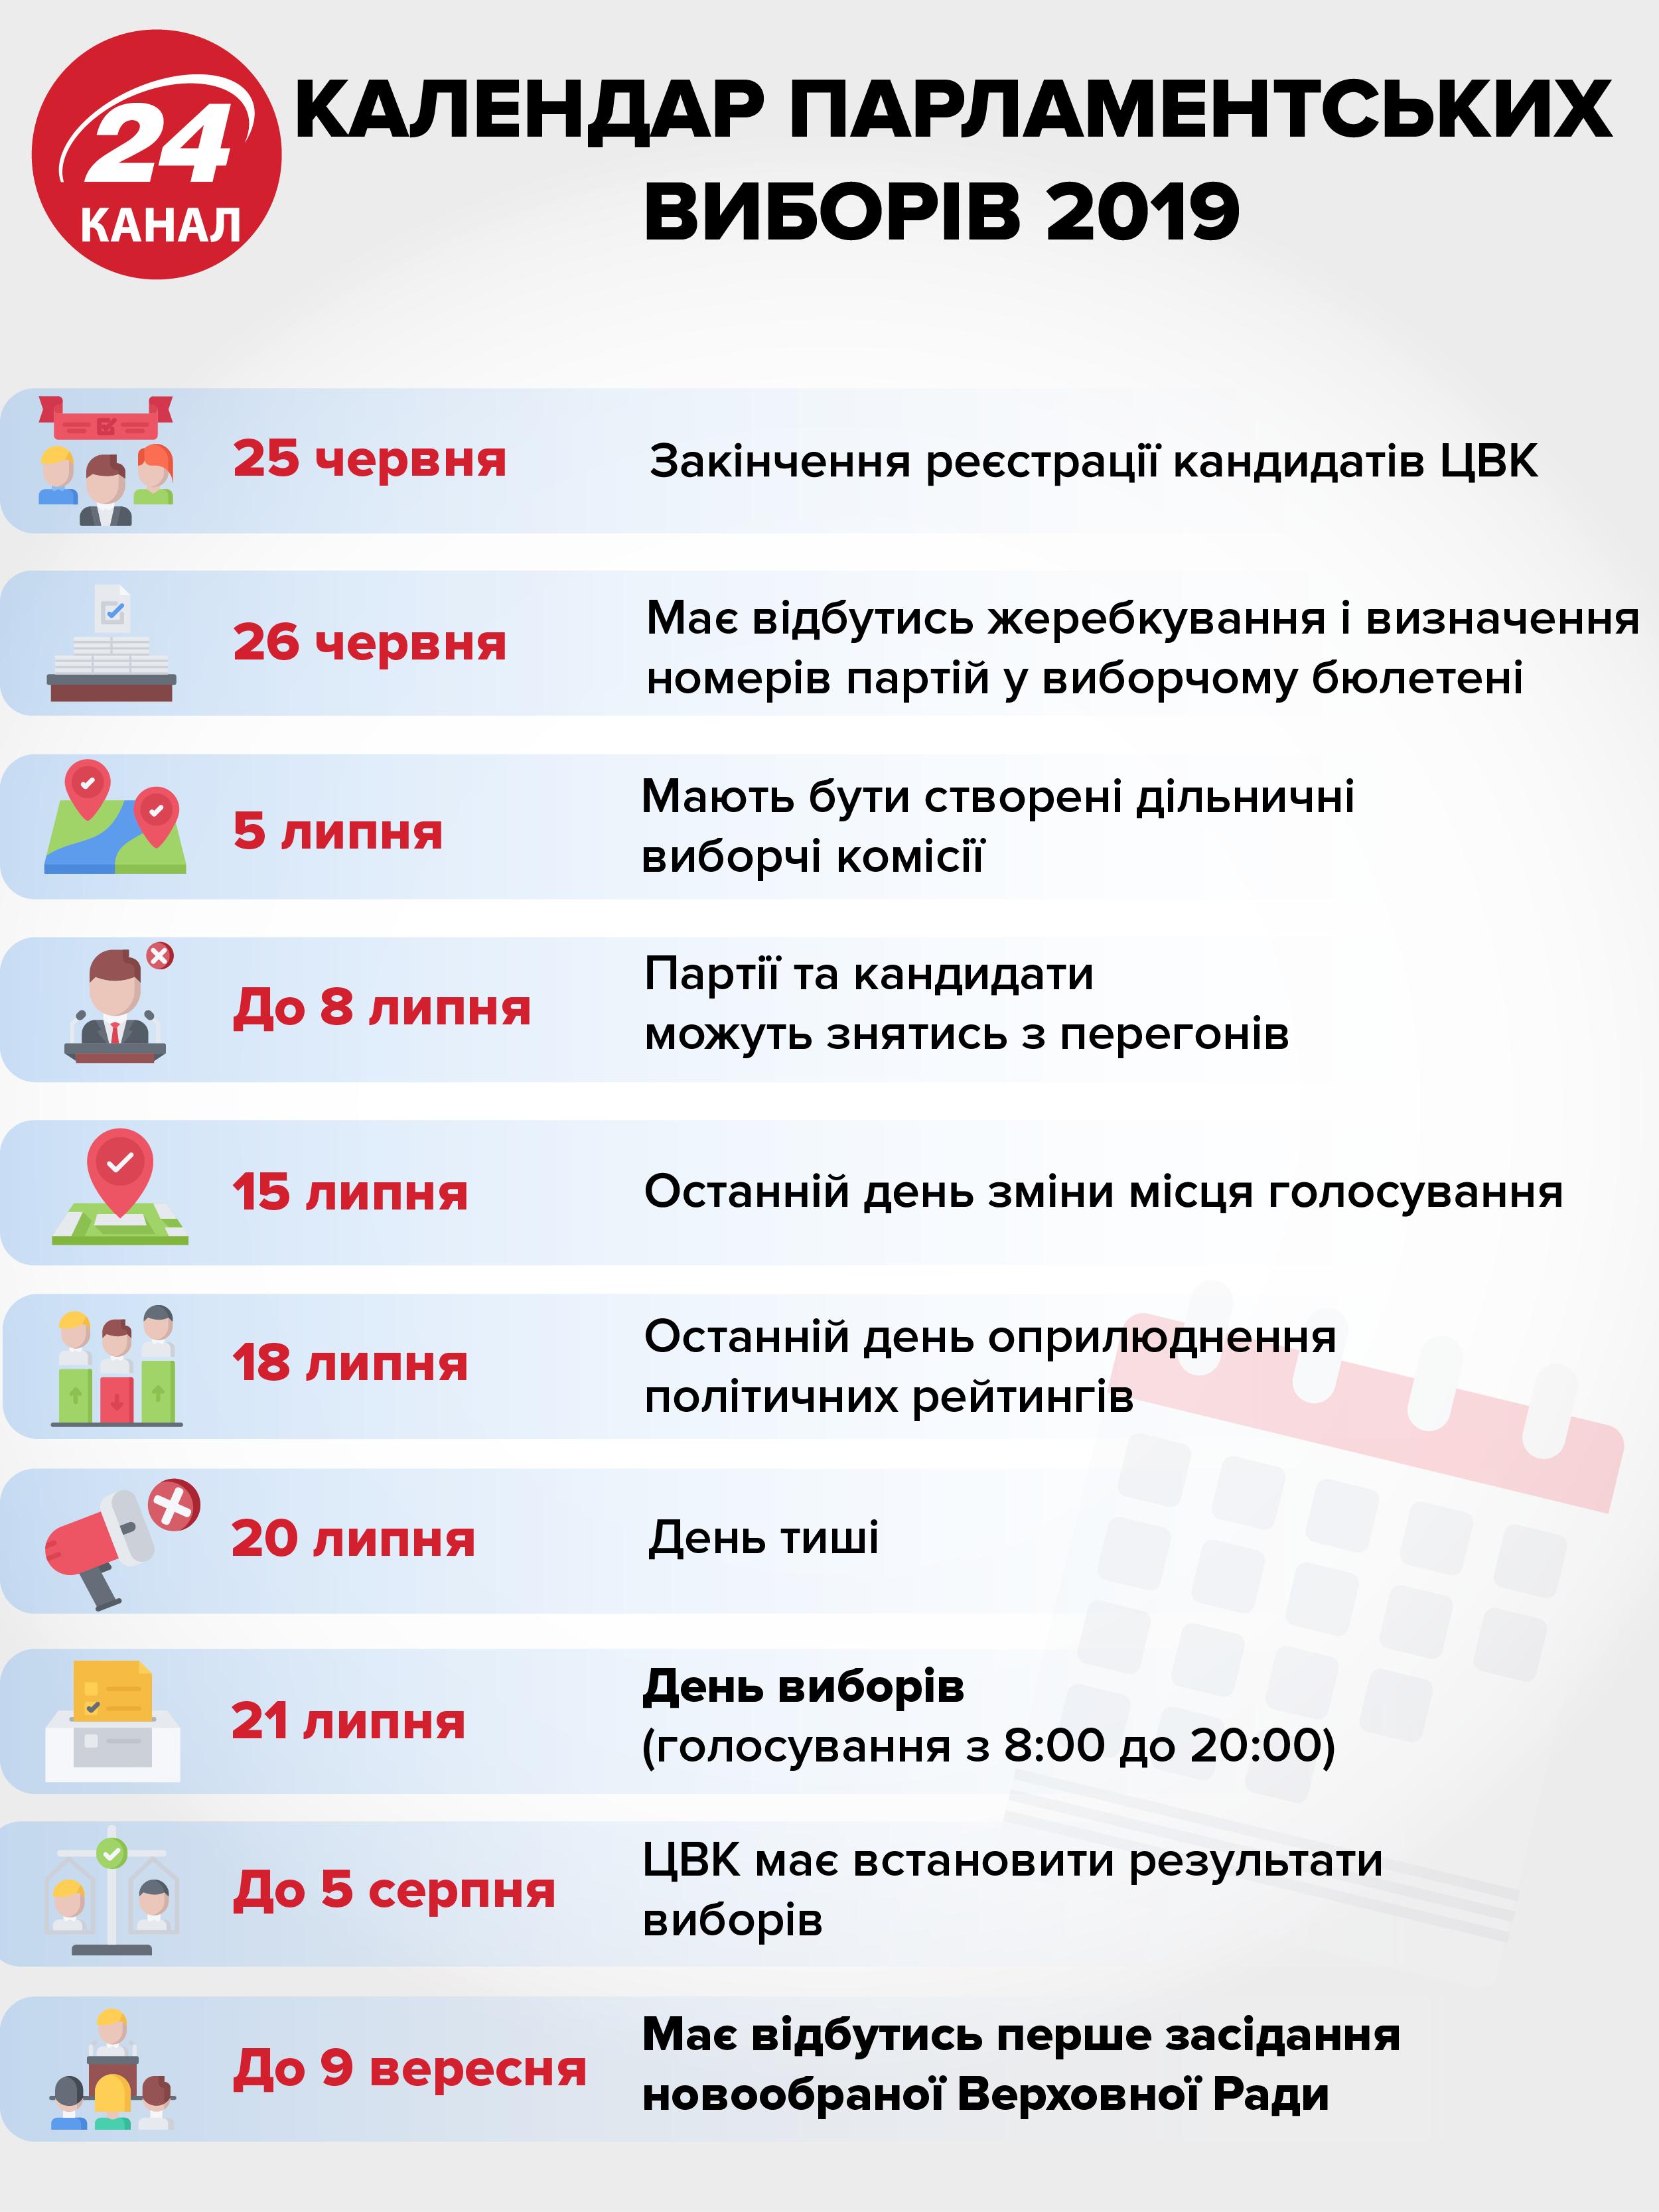 Основні дати парламентських виборів